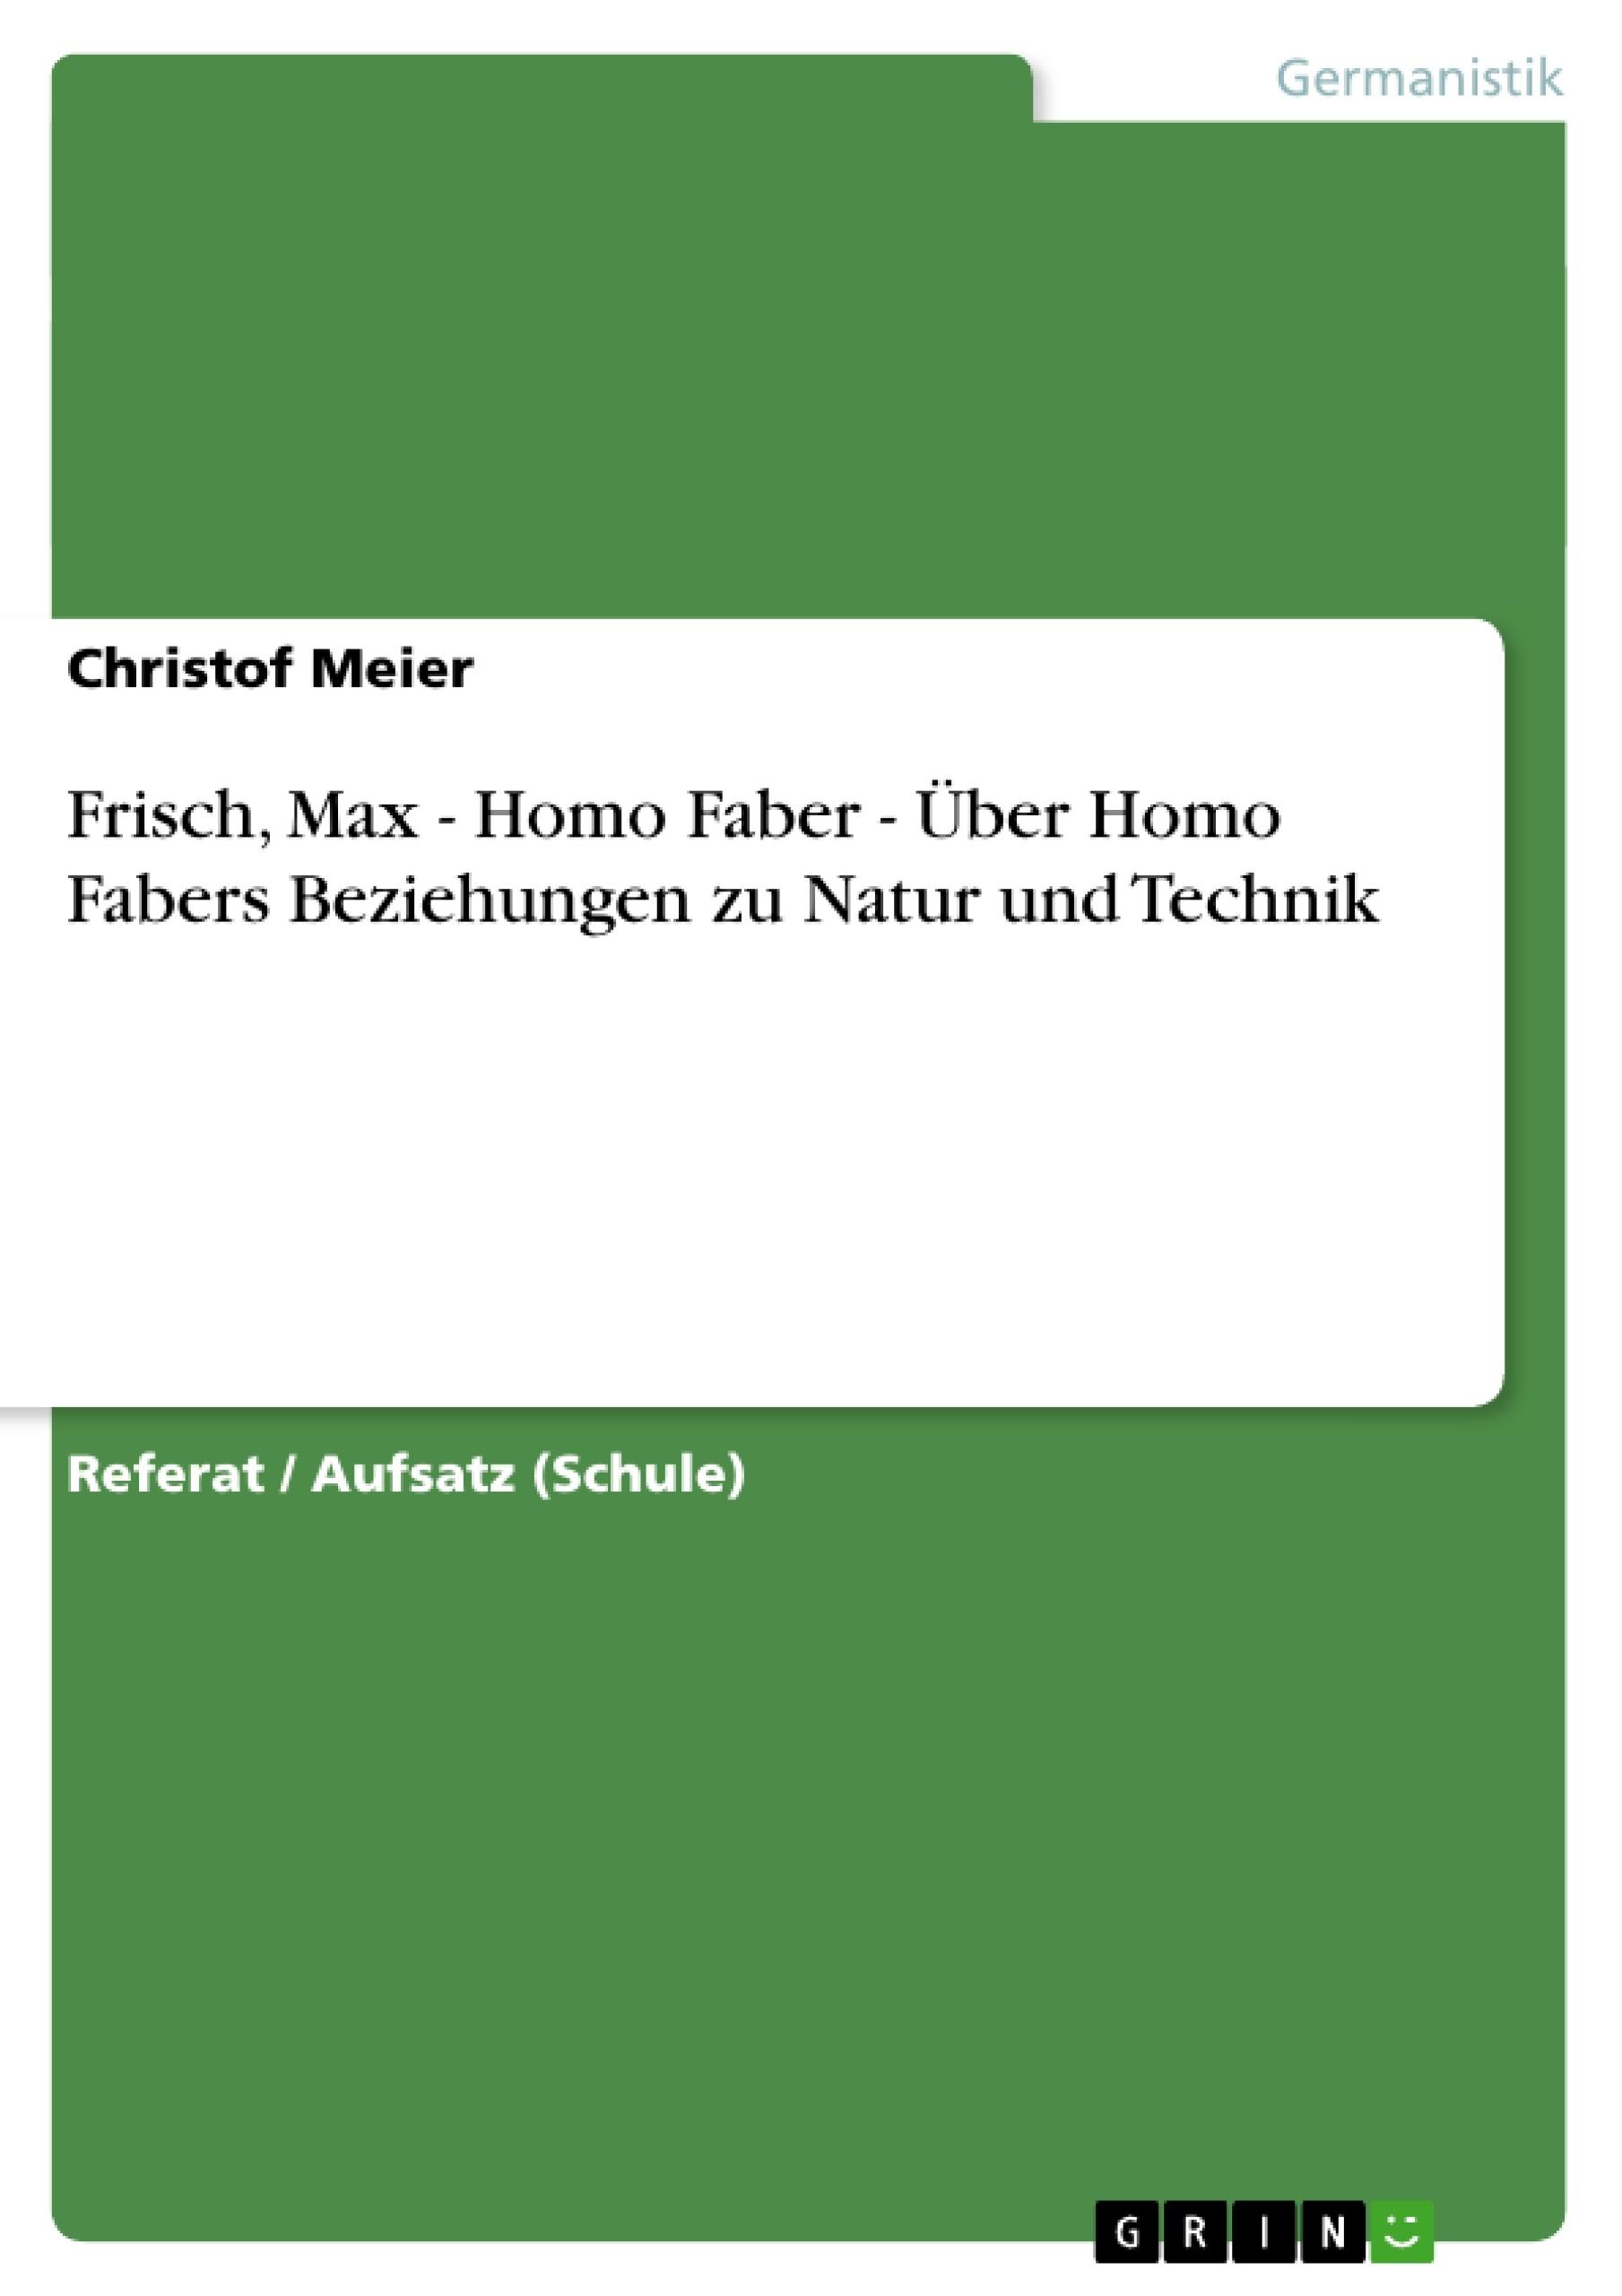 Titel: Frisch, Max - Homo Faber - Über Homo Fabers Beziehungen zu Natur und Technik